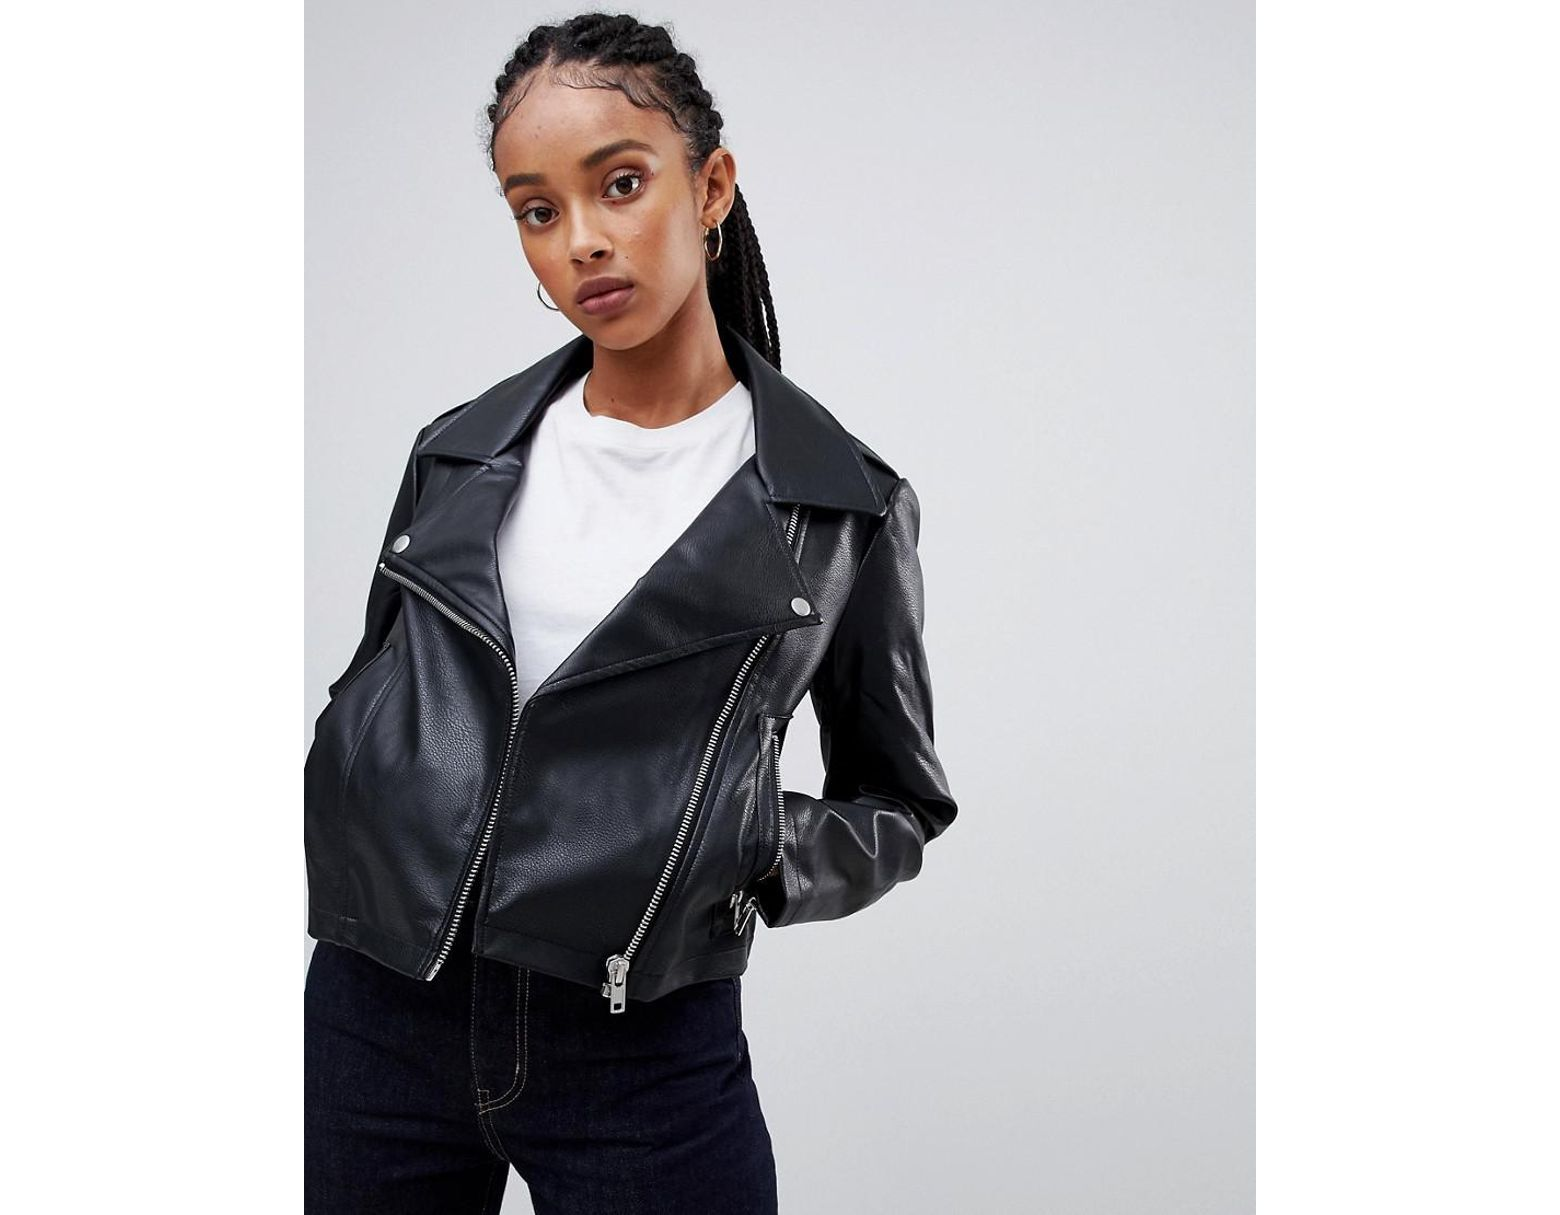 b7e26d710 Women's Black Ultimate Leather Look Biker Jacket